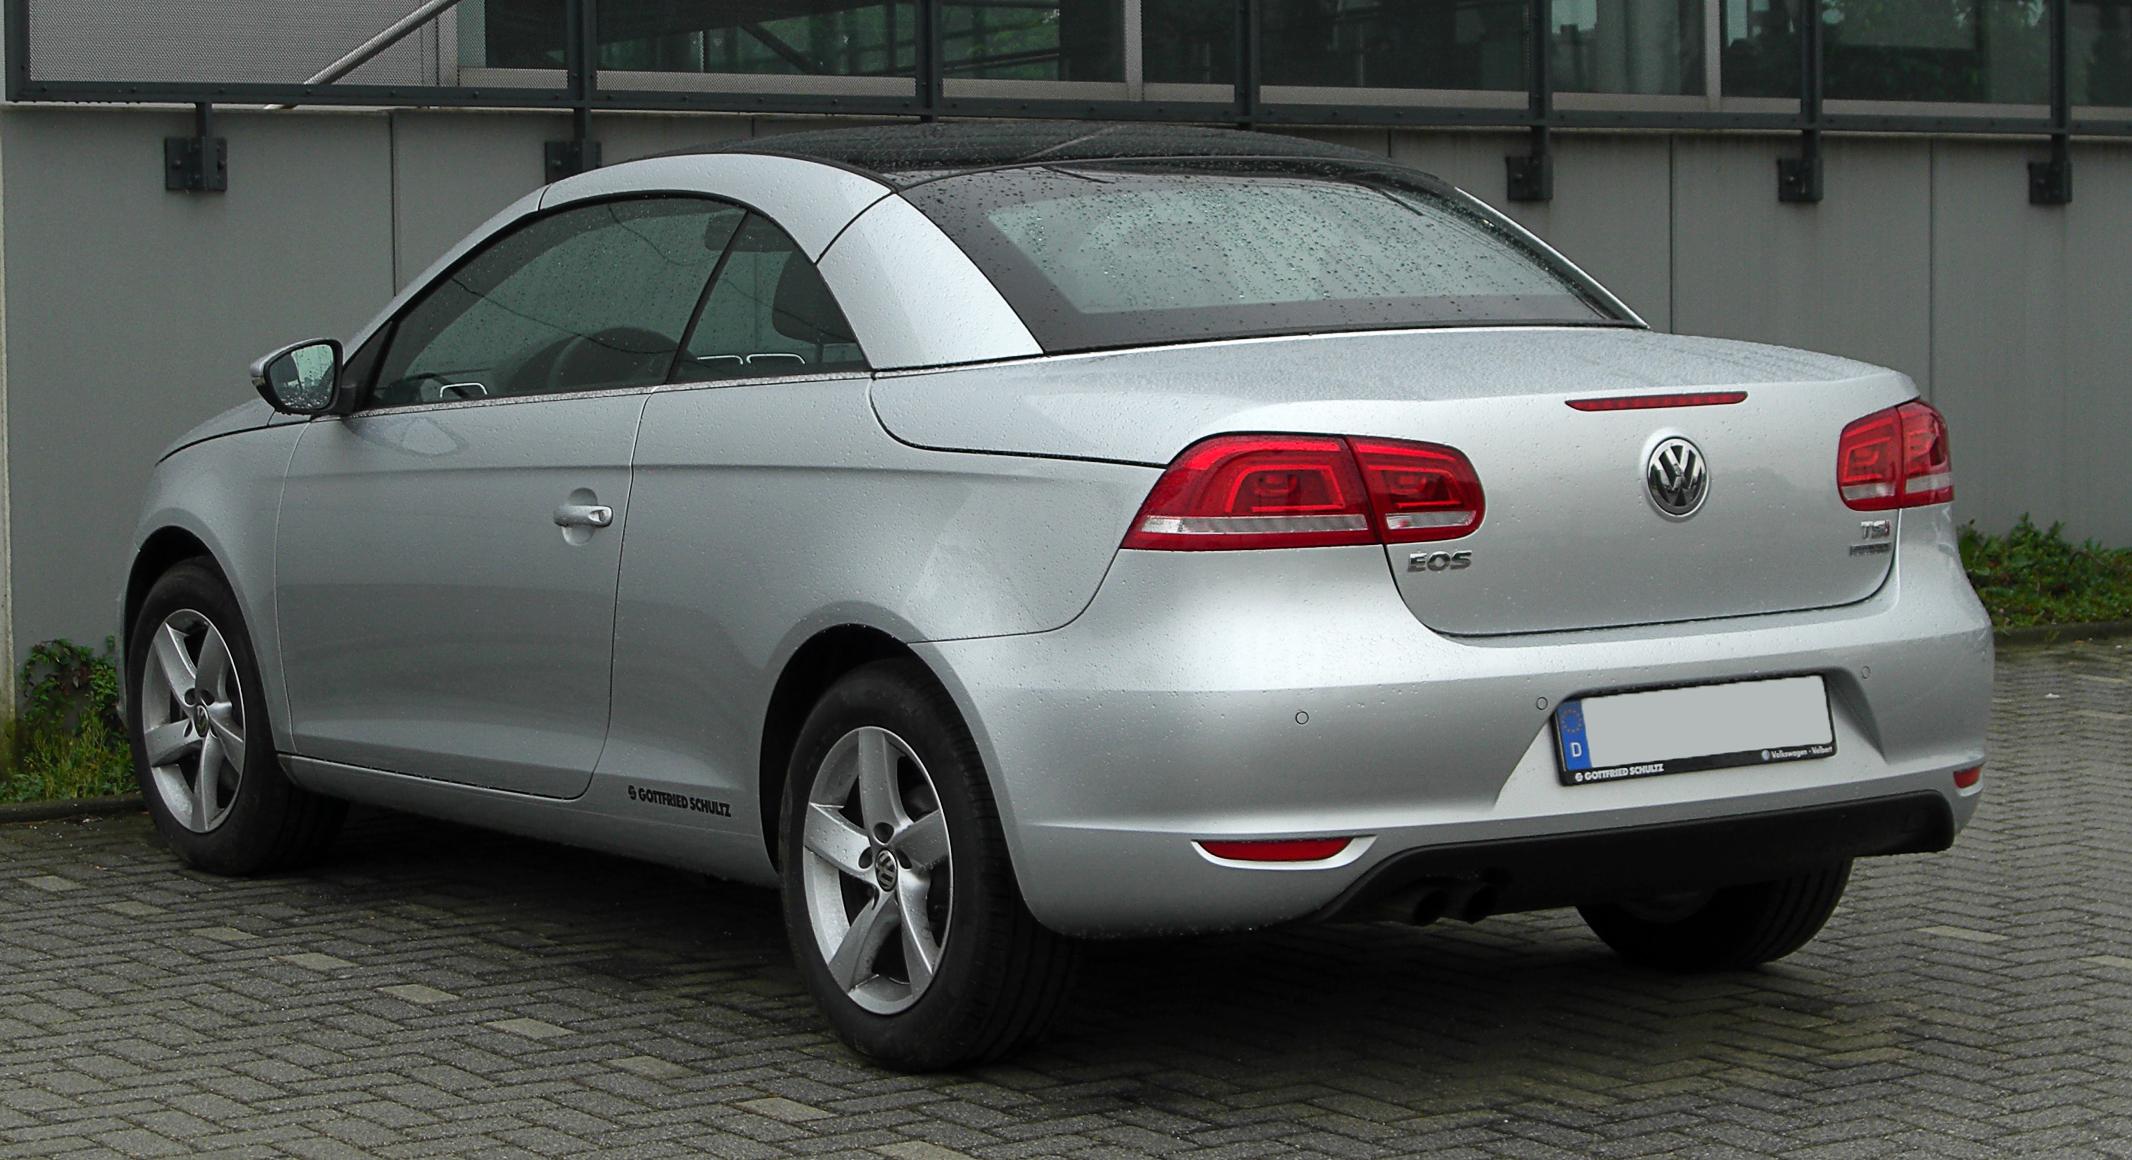 File:VW Eos 1.4 TSI BlueMotion Technology (Facelift) – Heckansicht, 27. April 2011, Velbert.jpg ...